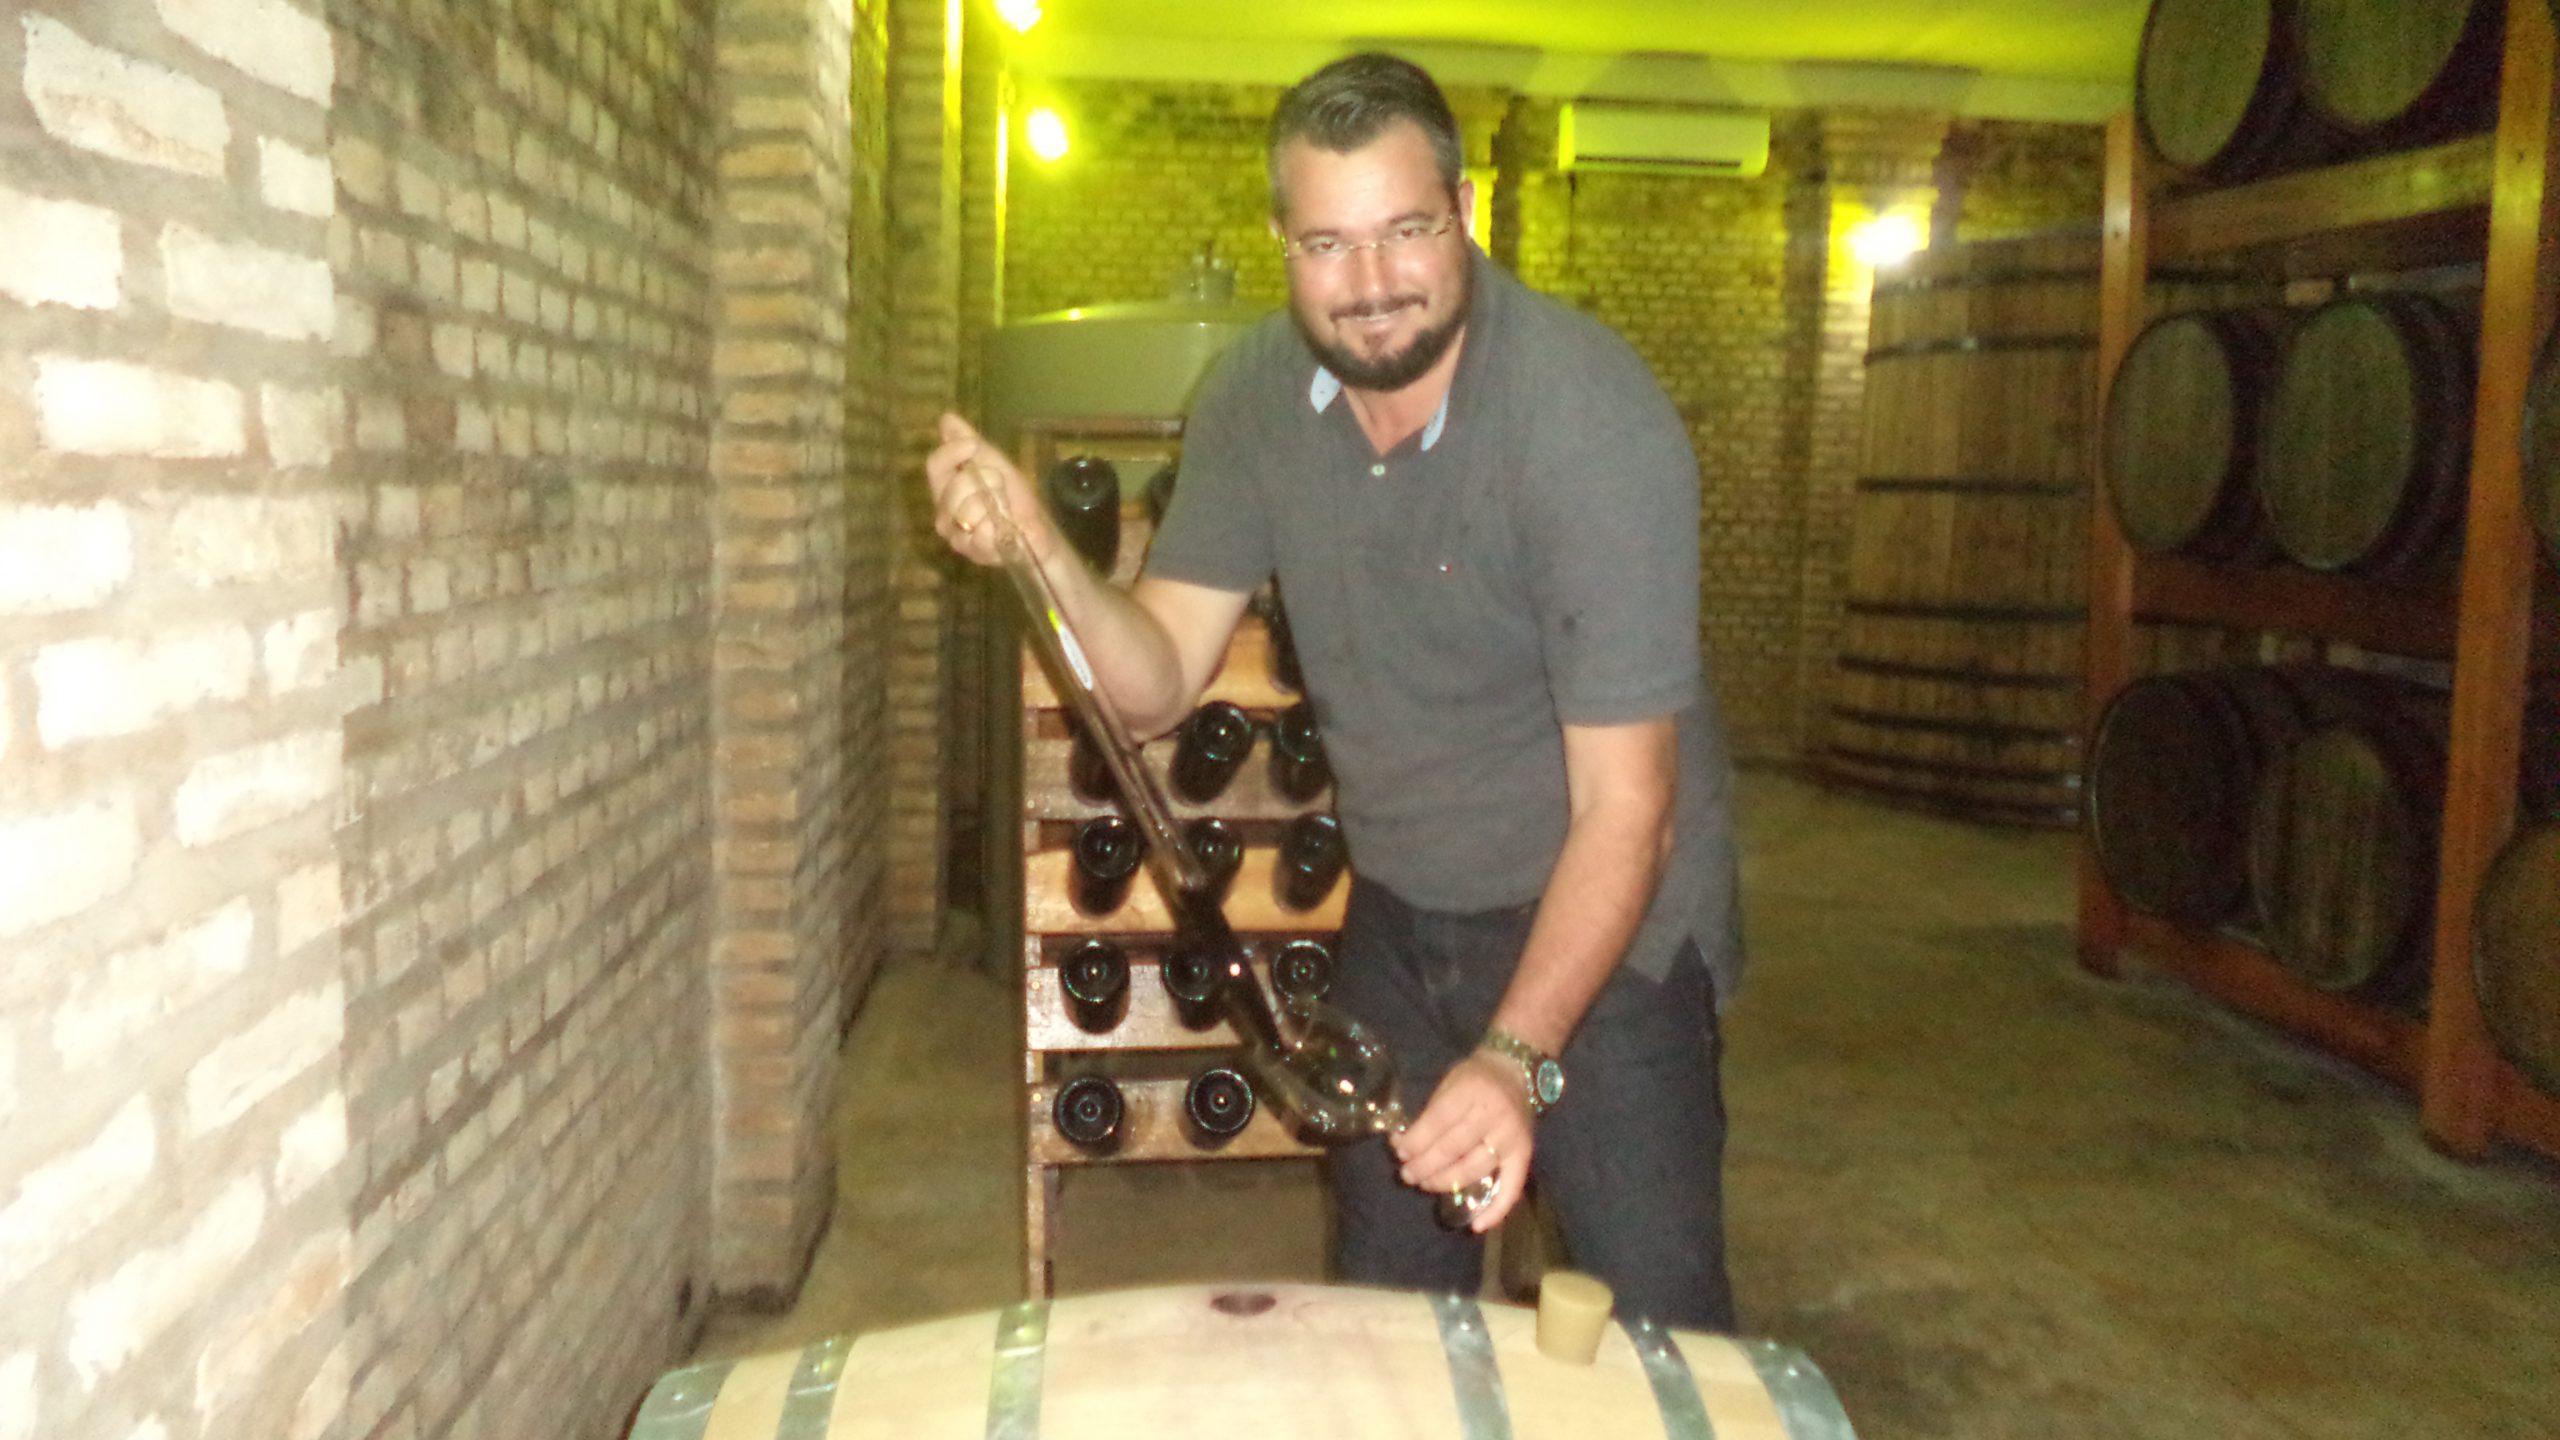 Fábio Ferracini: De depósito de bebidas à construção de uma marca própria de vinhos